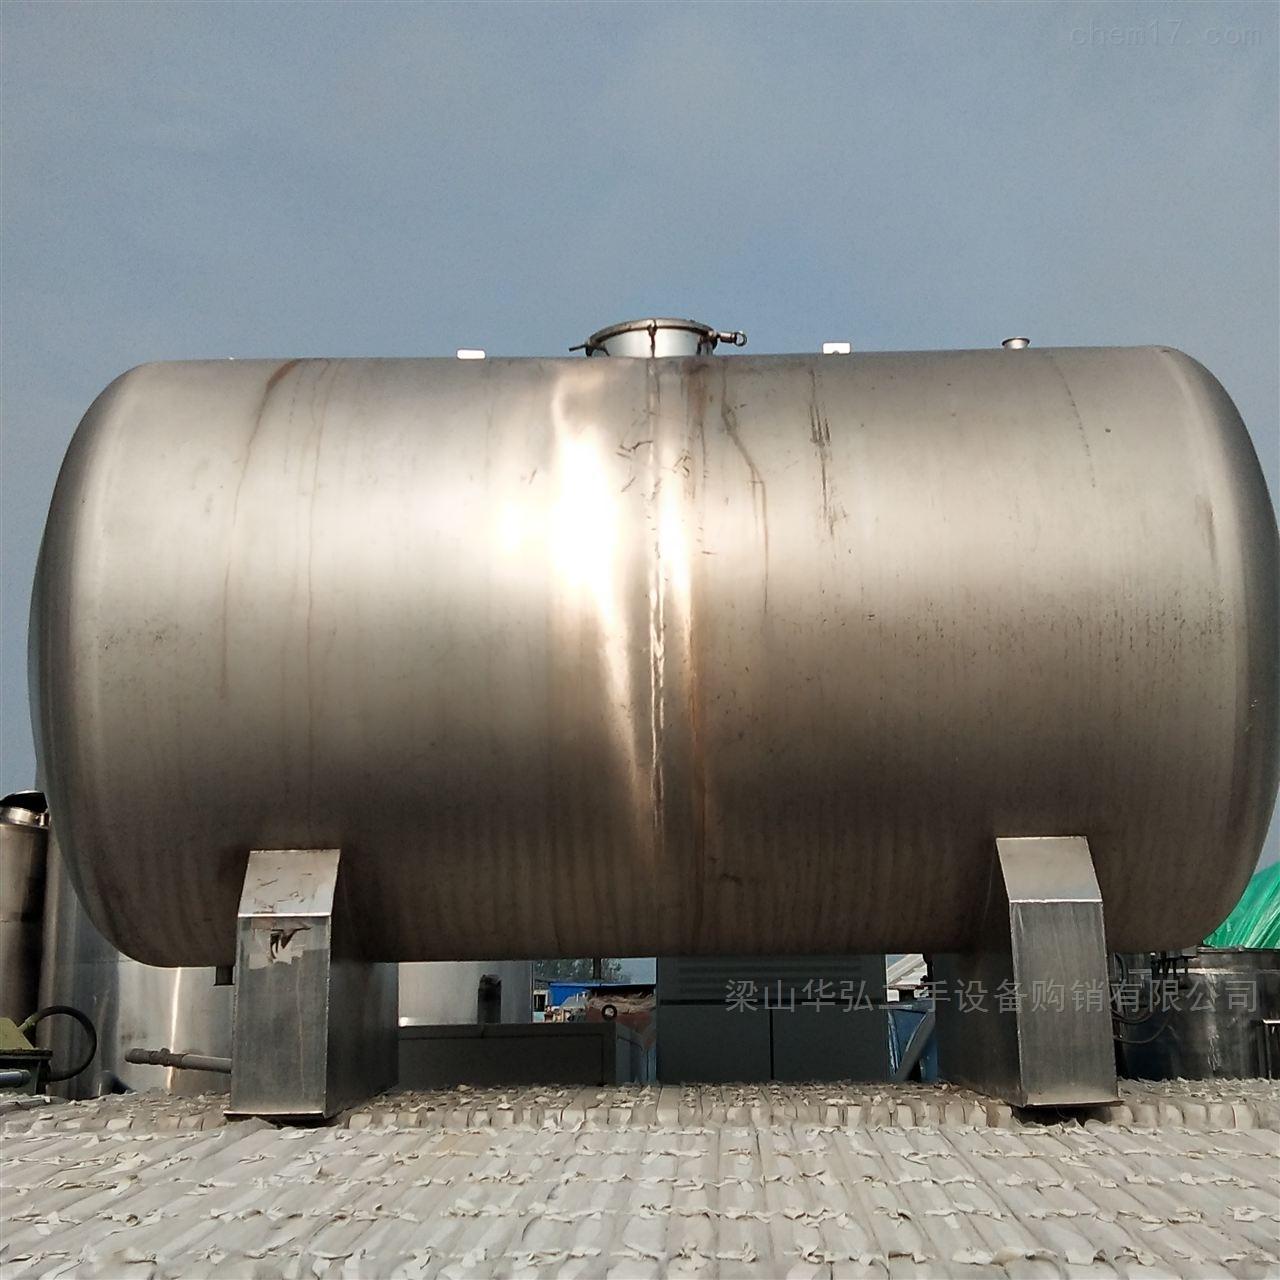 常年回收5吨不锈钢储存罐